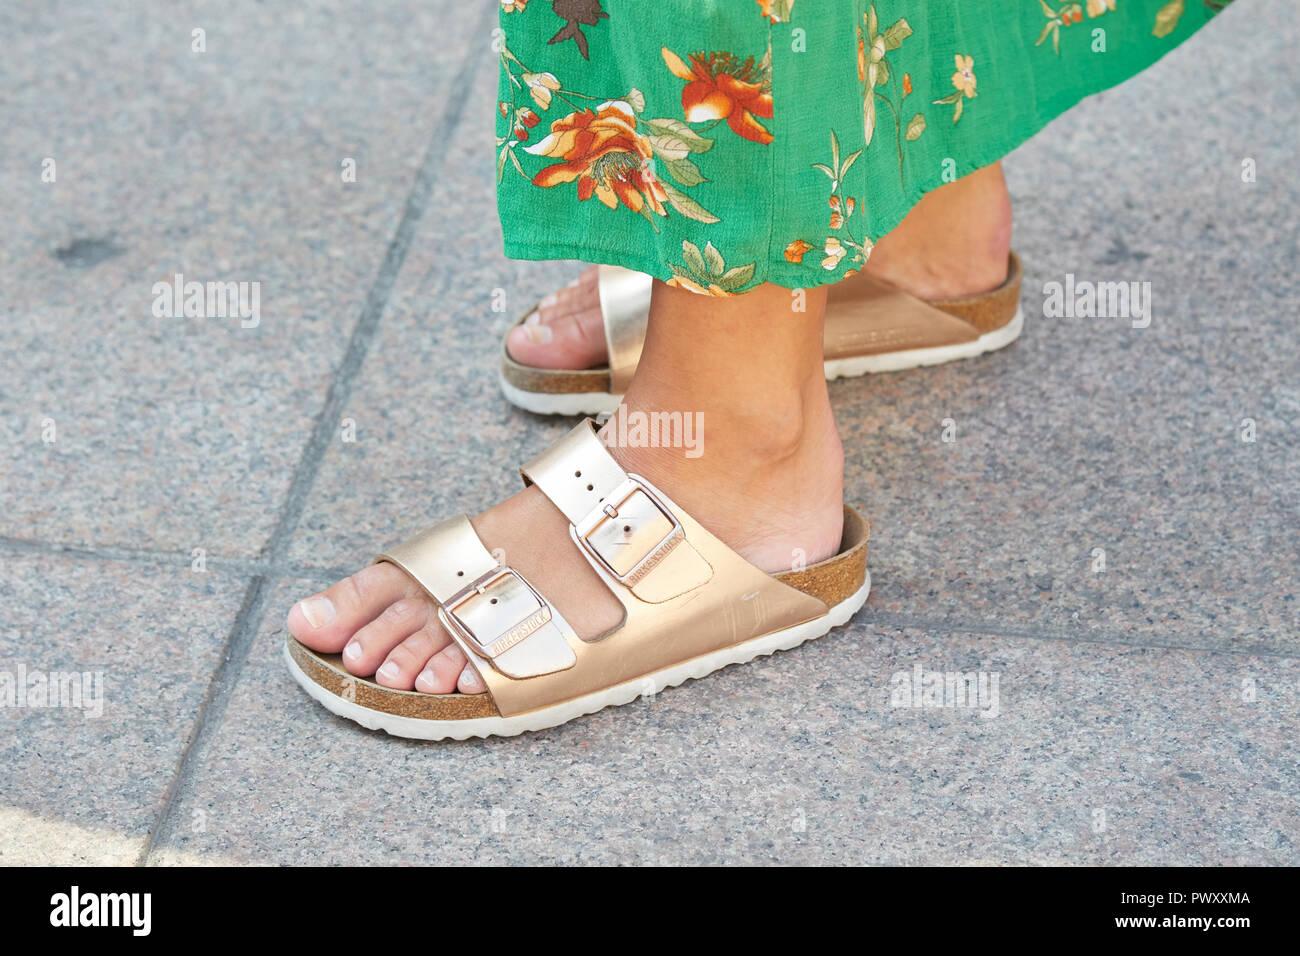 buy popular 09859 f7f6e Birkenstock Feet Stock Photos & Birkenstock Feet Stock ...